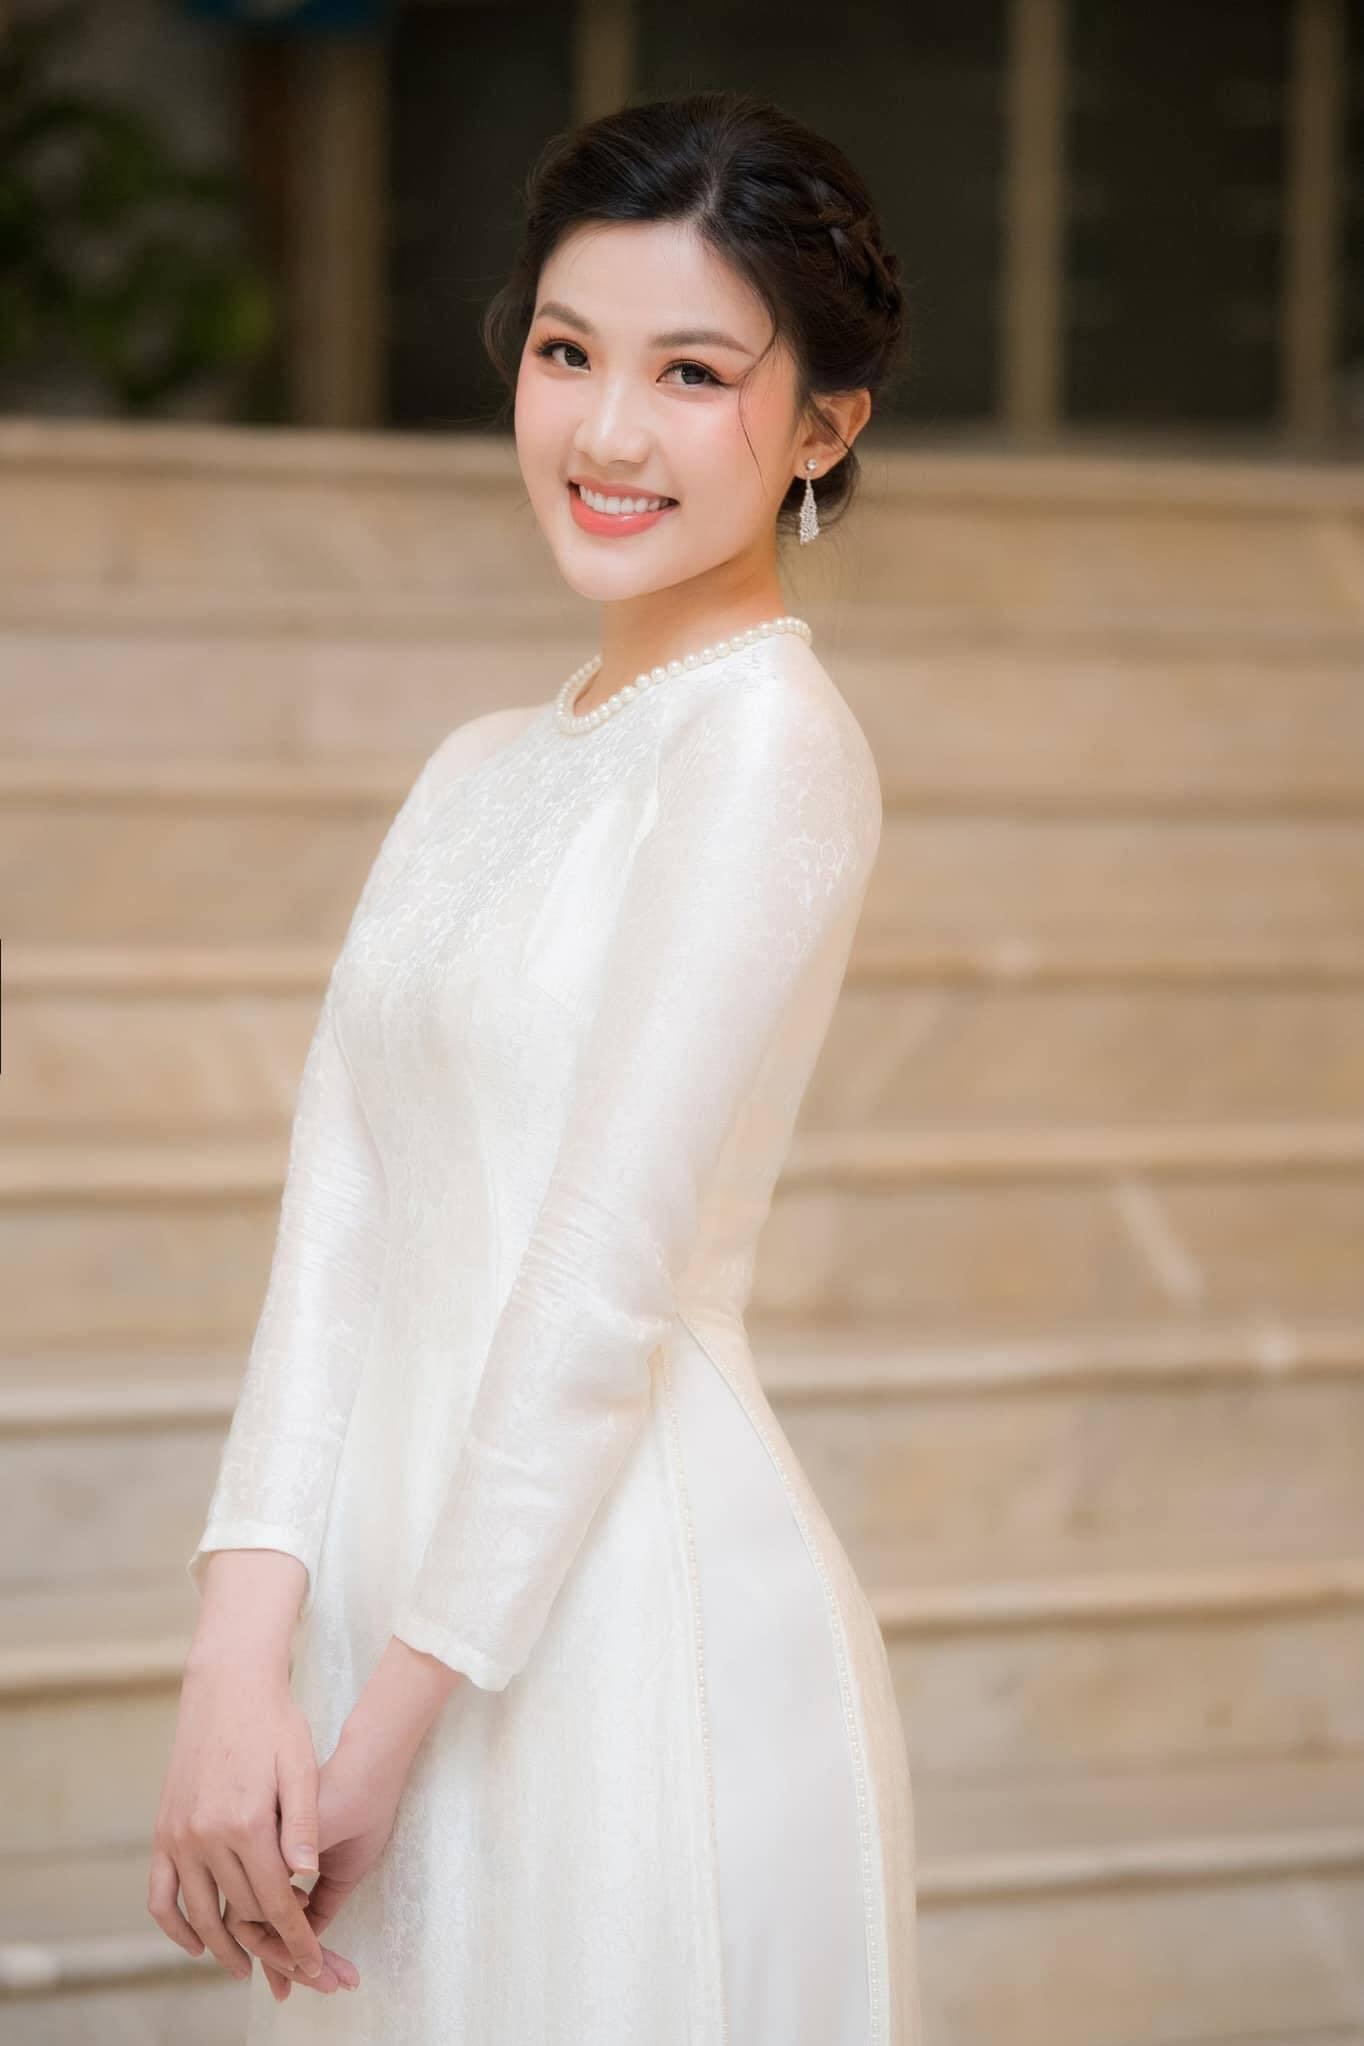 Xinh đẹp như Lương Thanh mà còn độc thân 100%, bố mẹ chẳng muốn cho lấy chồng